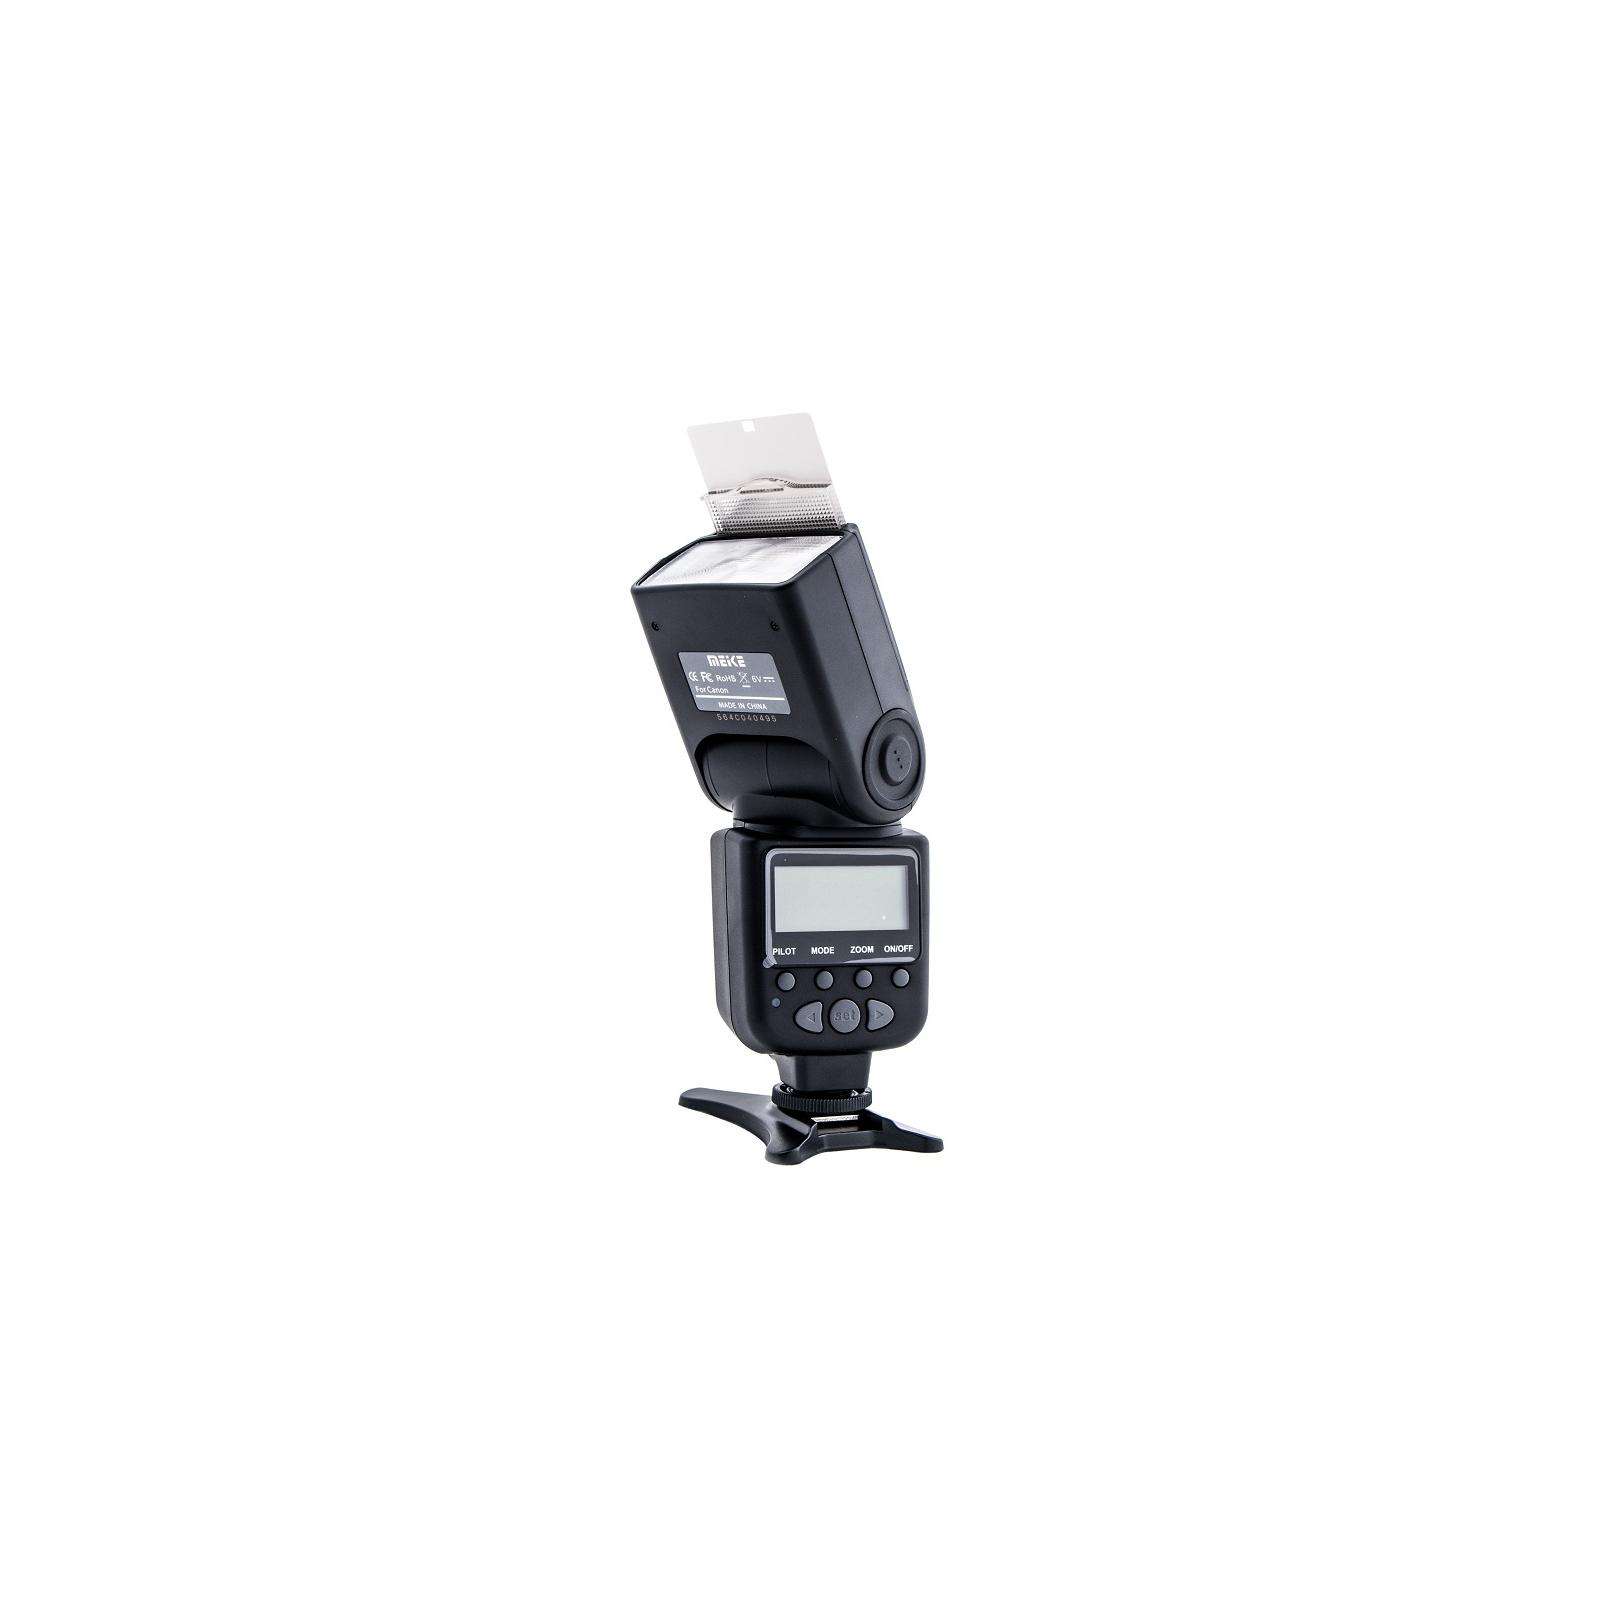 Вспышка Meike Nikon 950 (SKW950N) изображение 3